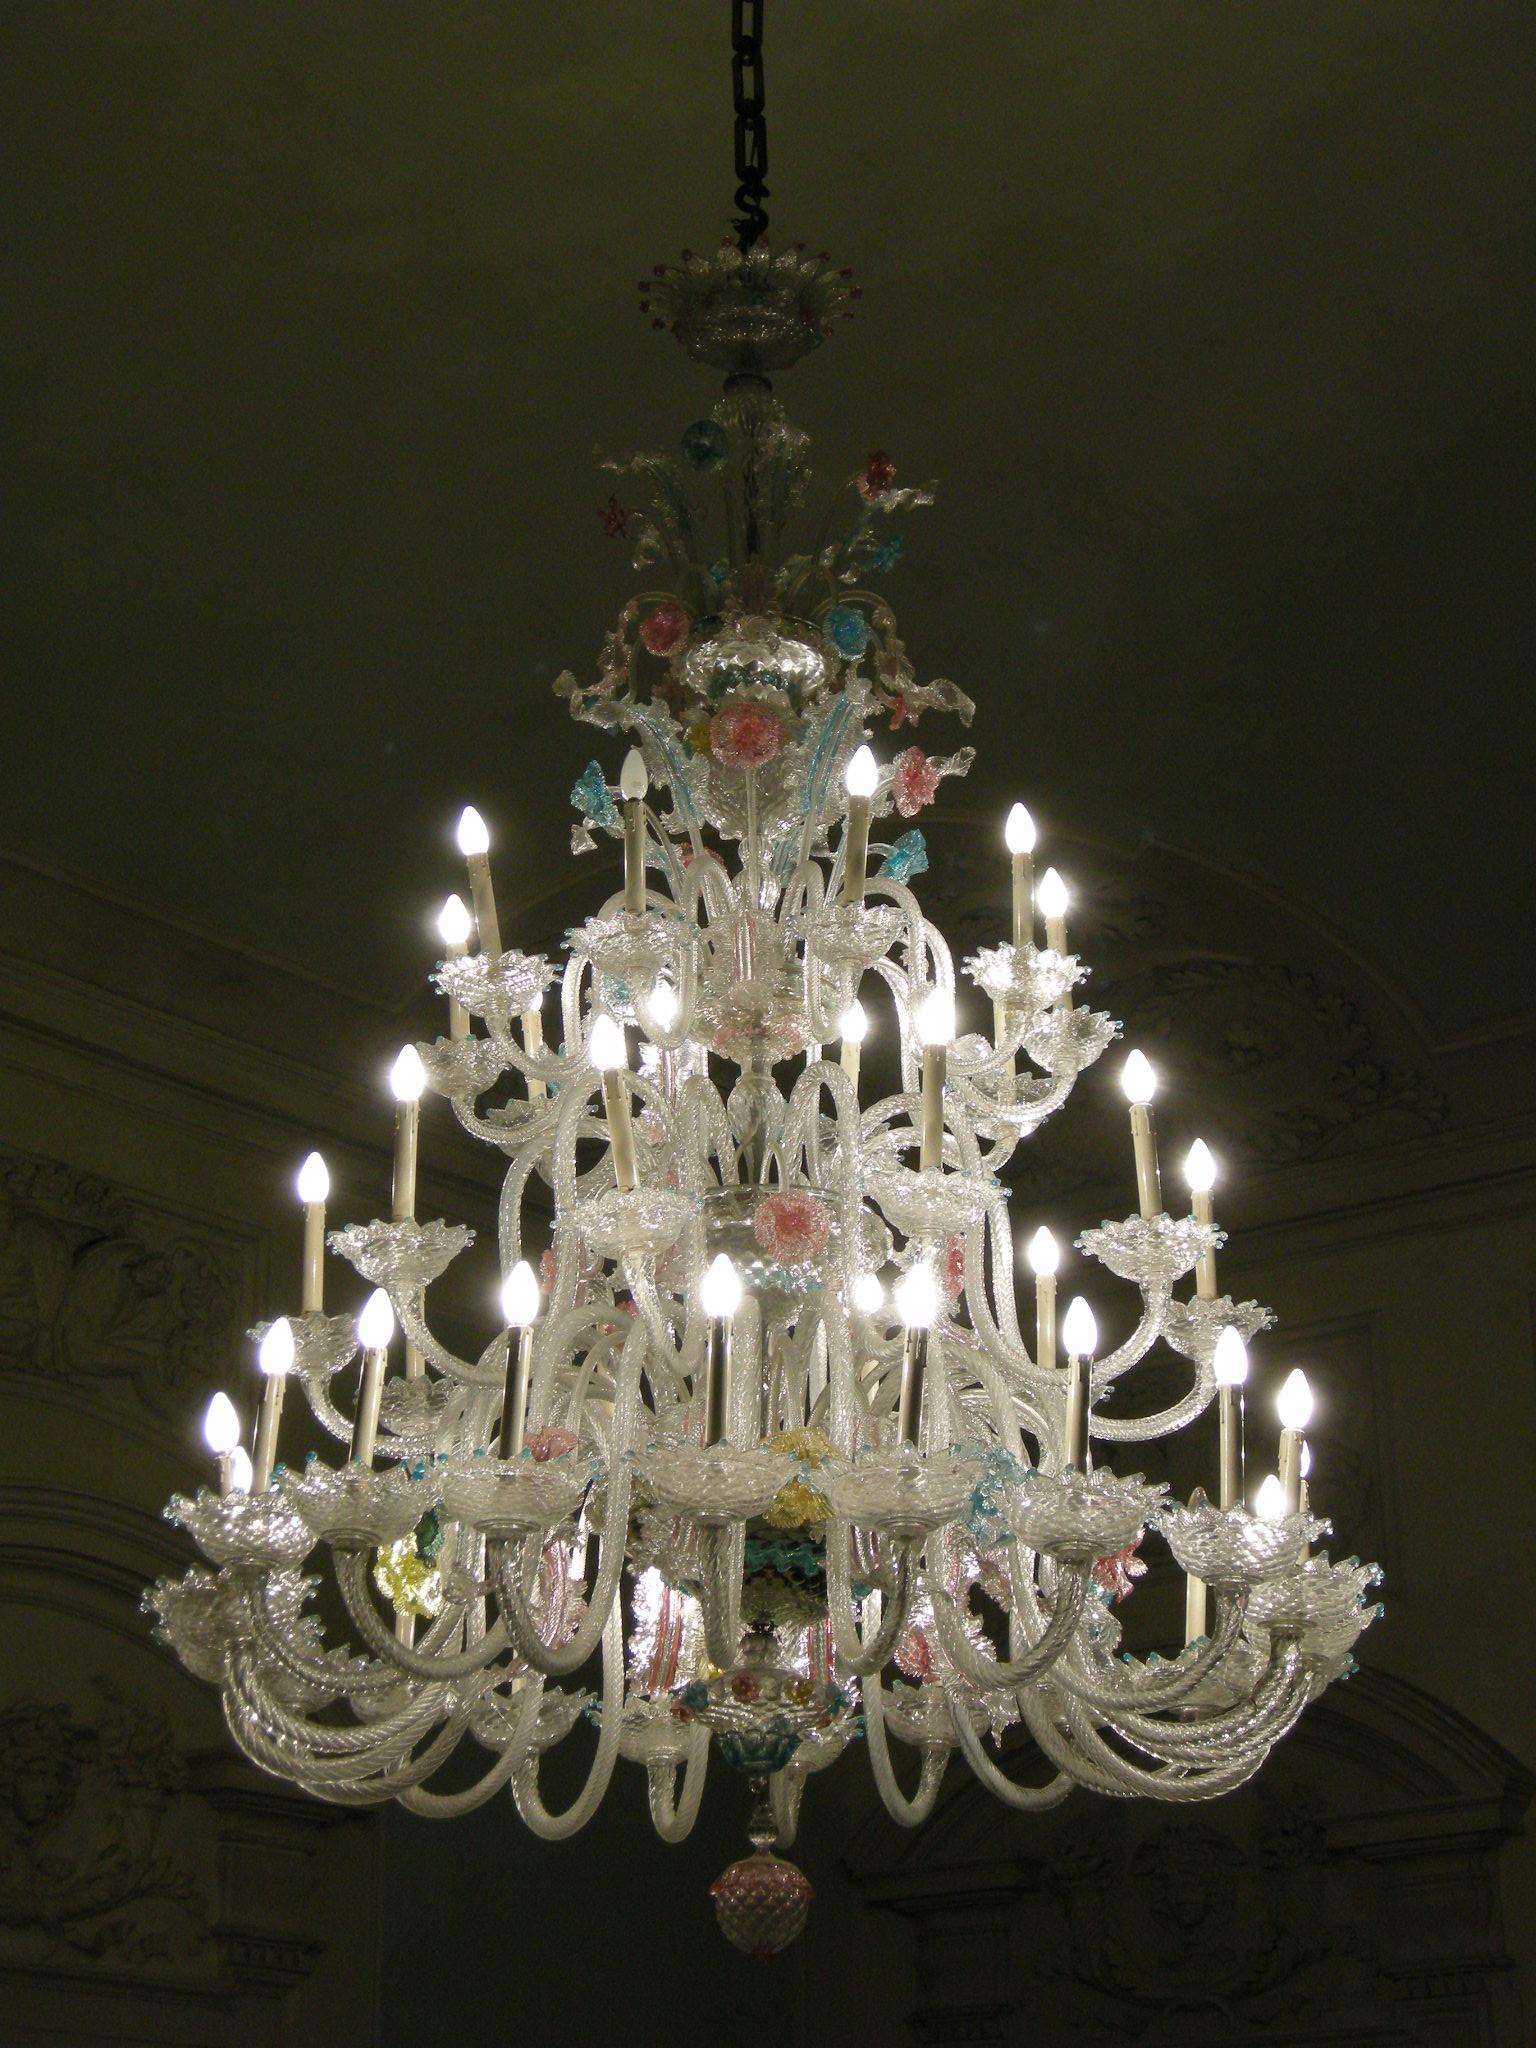 File:Palazzo compagni, salone, lampadario di murano 02.JPG - Wikimedia ...